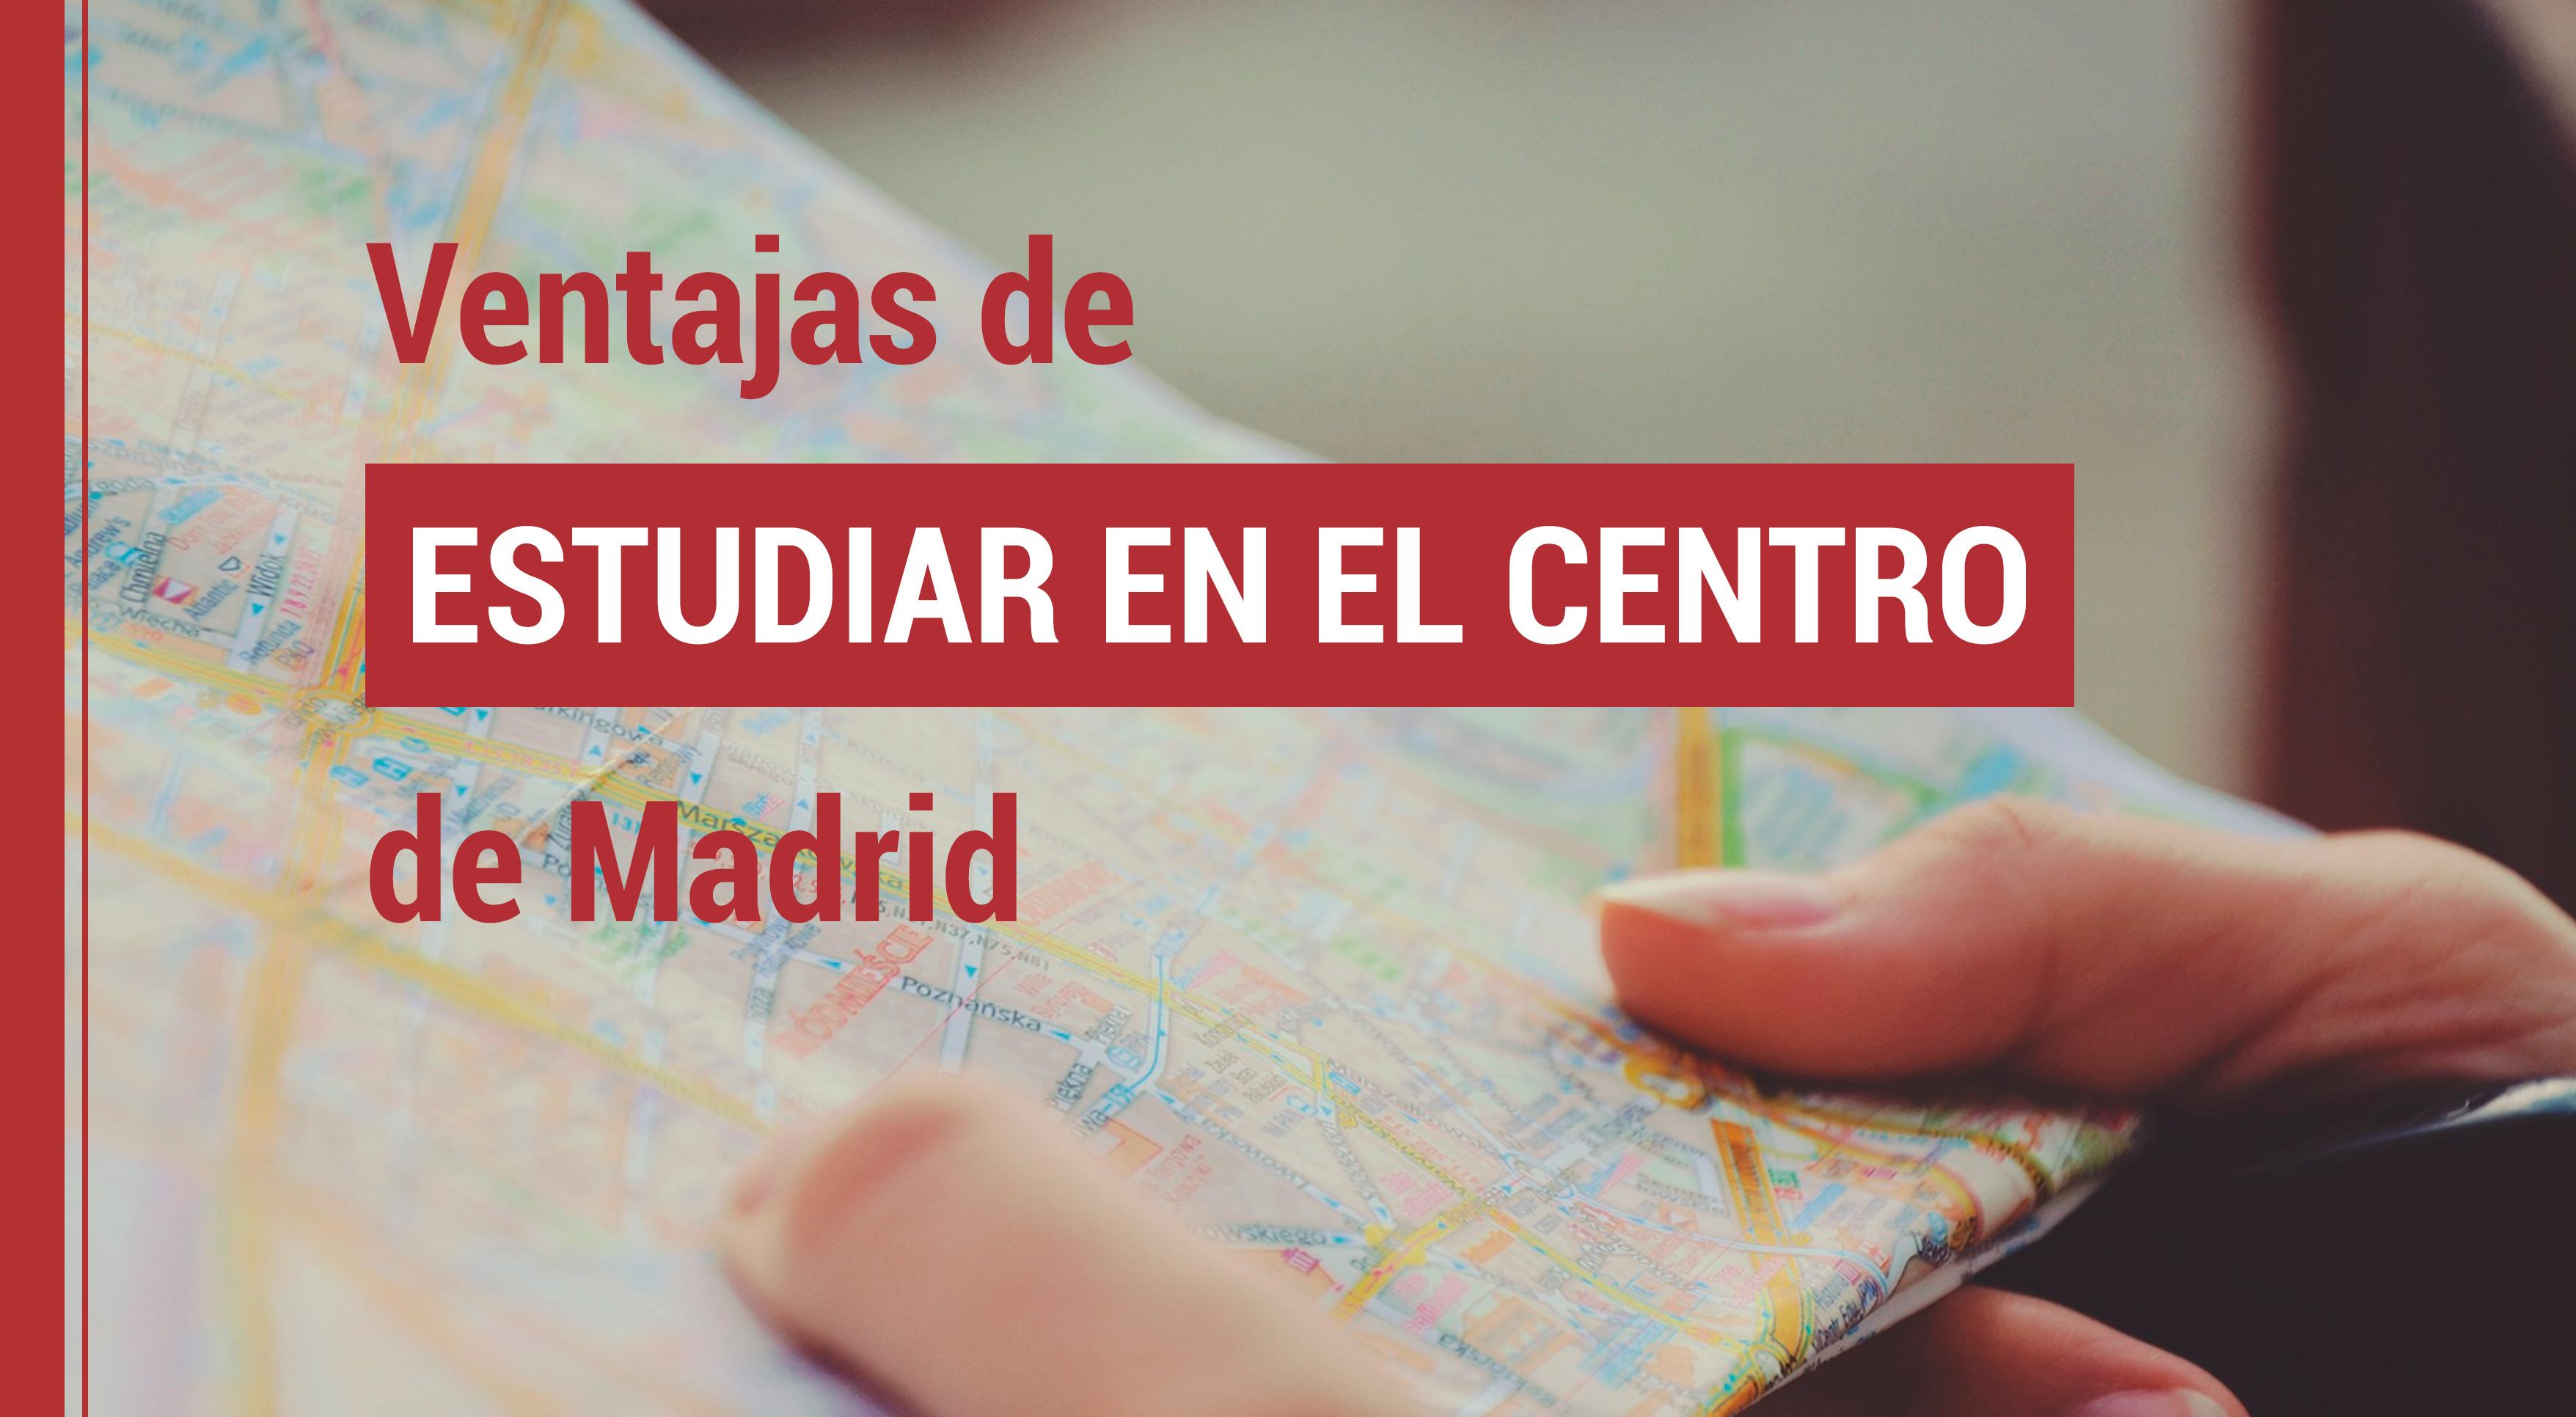 ventajas-estudiar-centro-madrid-imf Estudiar en España: Ventajas de estudiar en el centro de Madrid